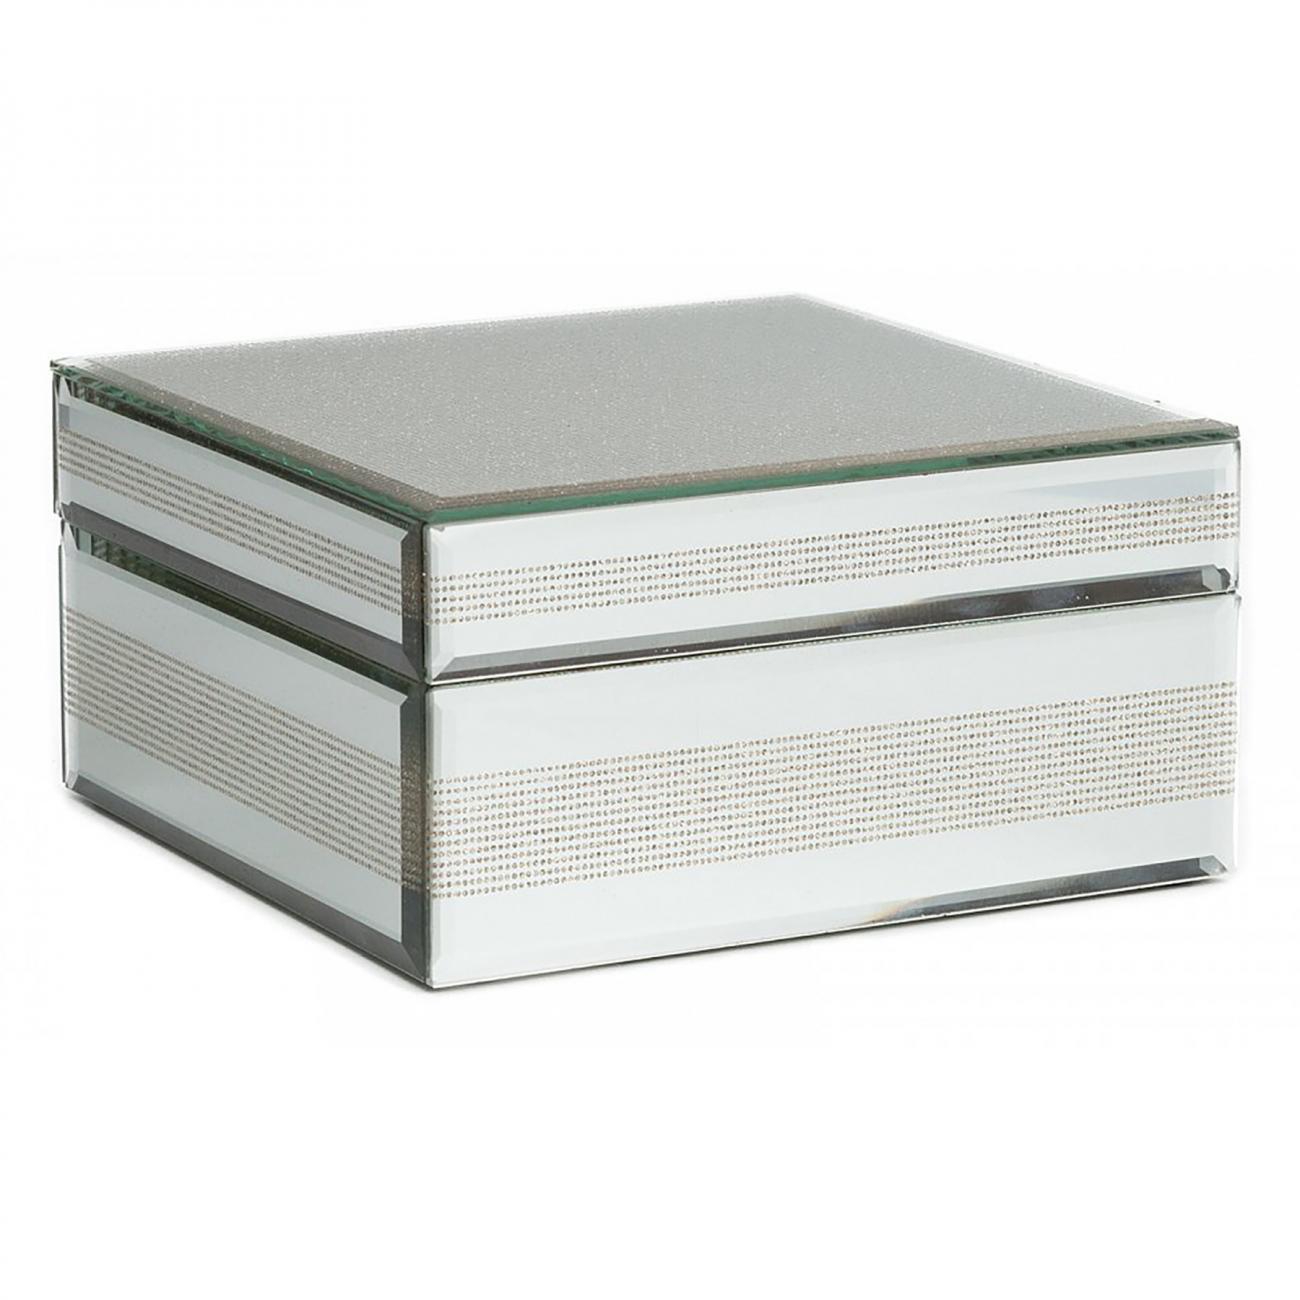 Купить Зеркальная шкатулка (коробка) Antiqued квадратная в интернет магазине дизайнерской мебели и аксессуаров для дома и дачи